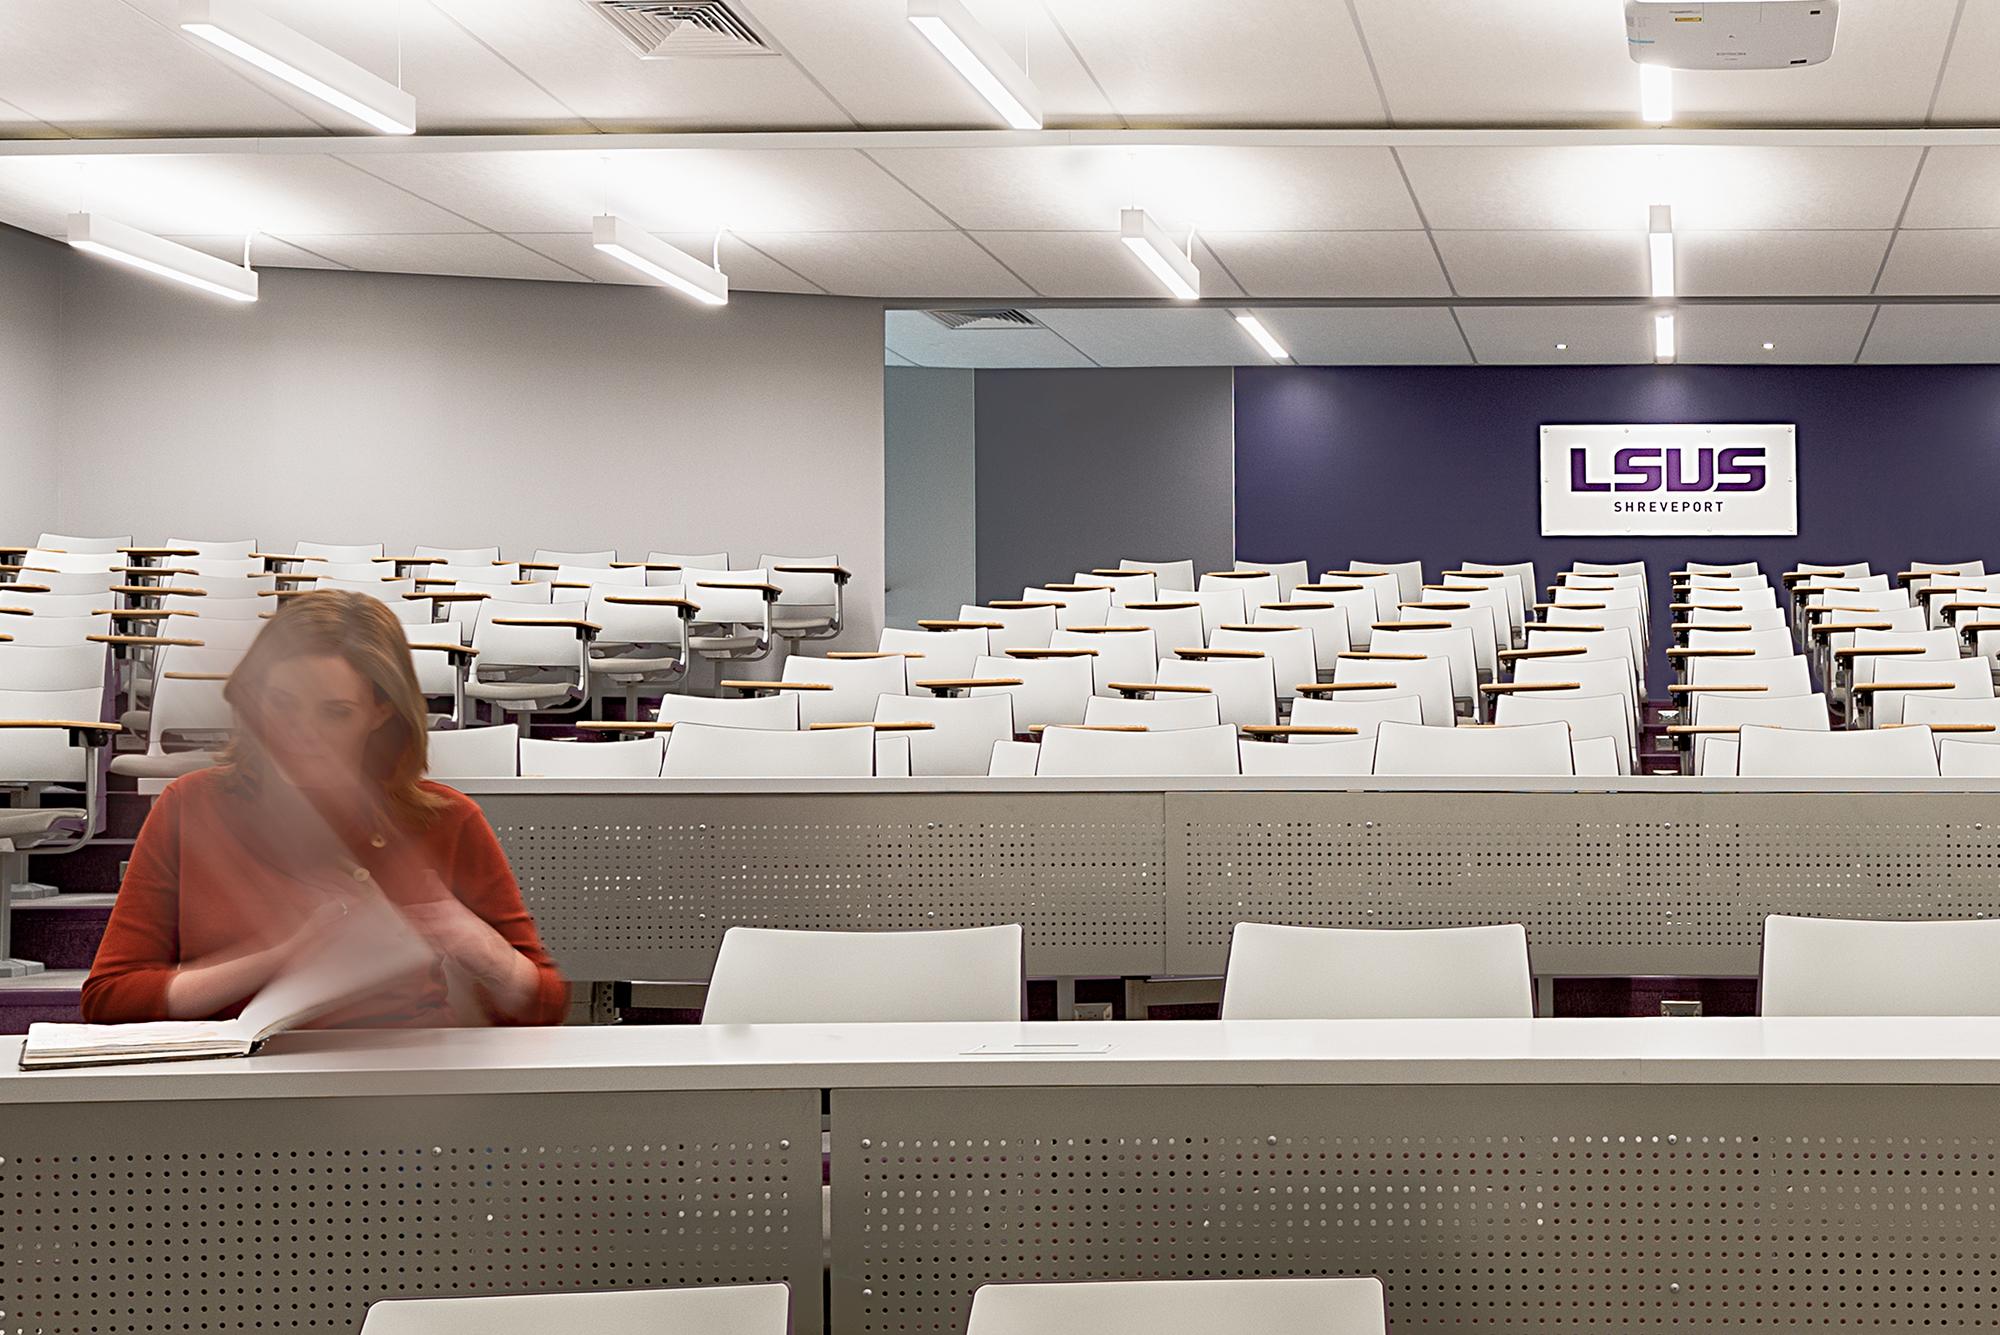 LSUS auditorium with student